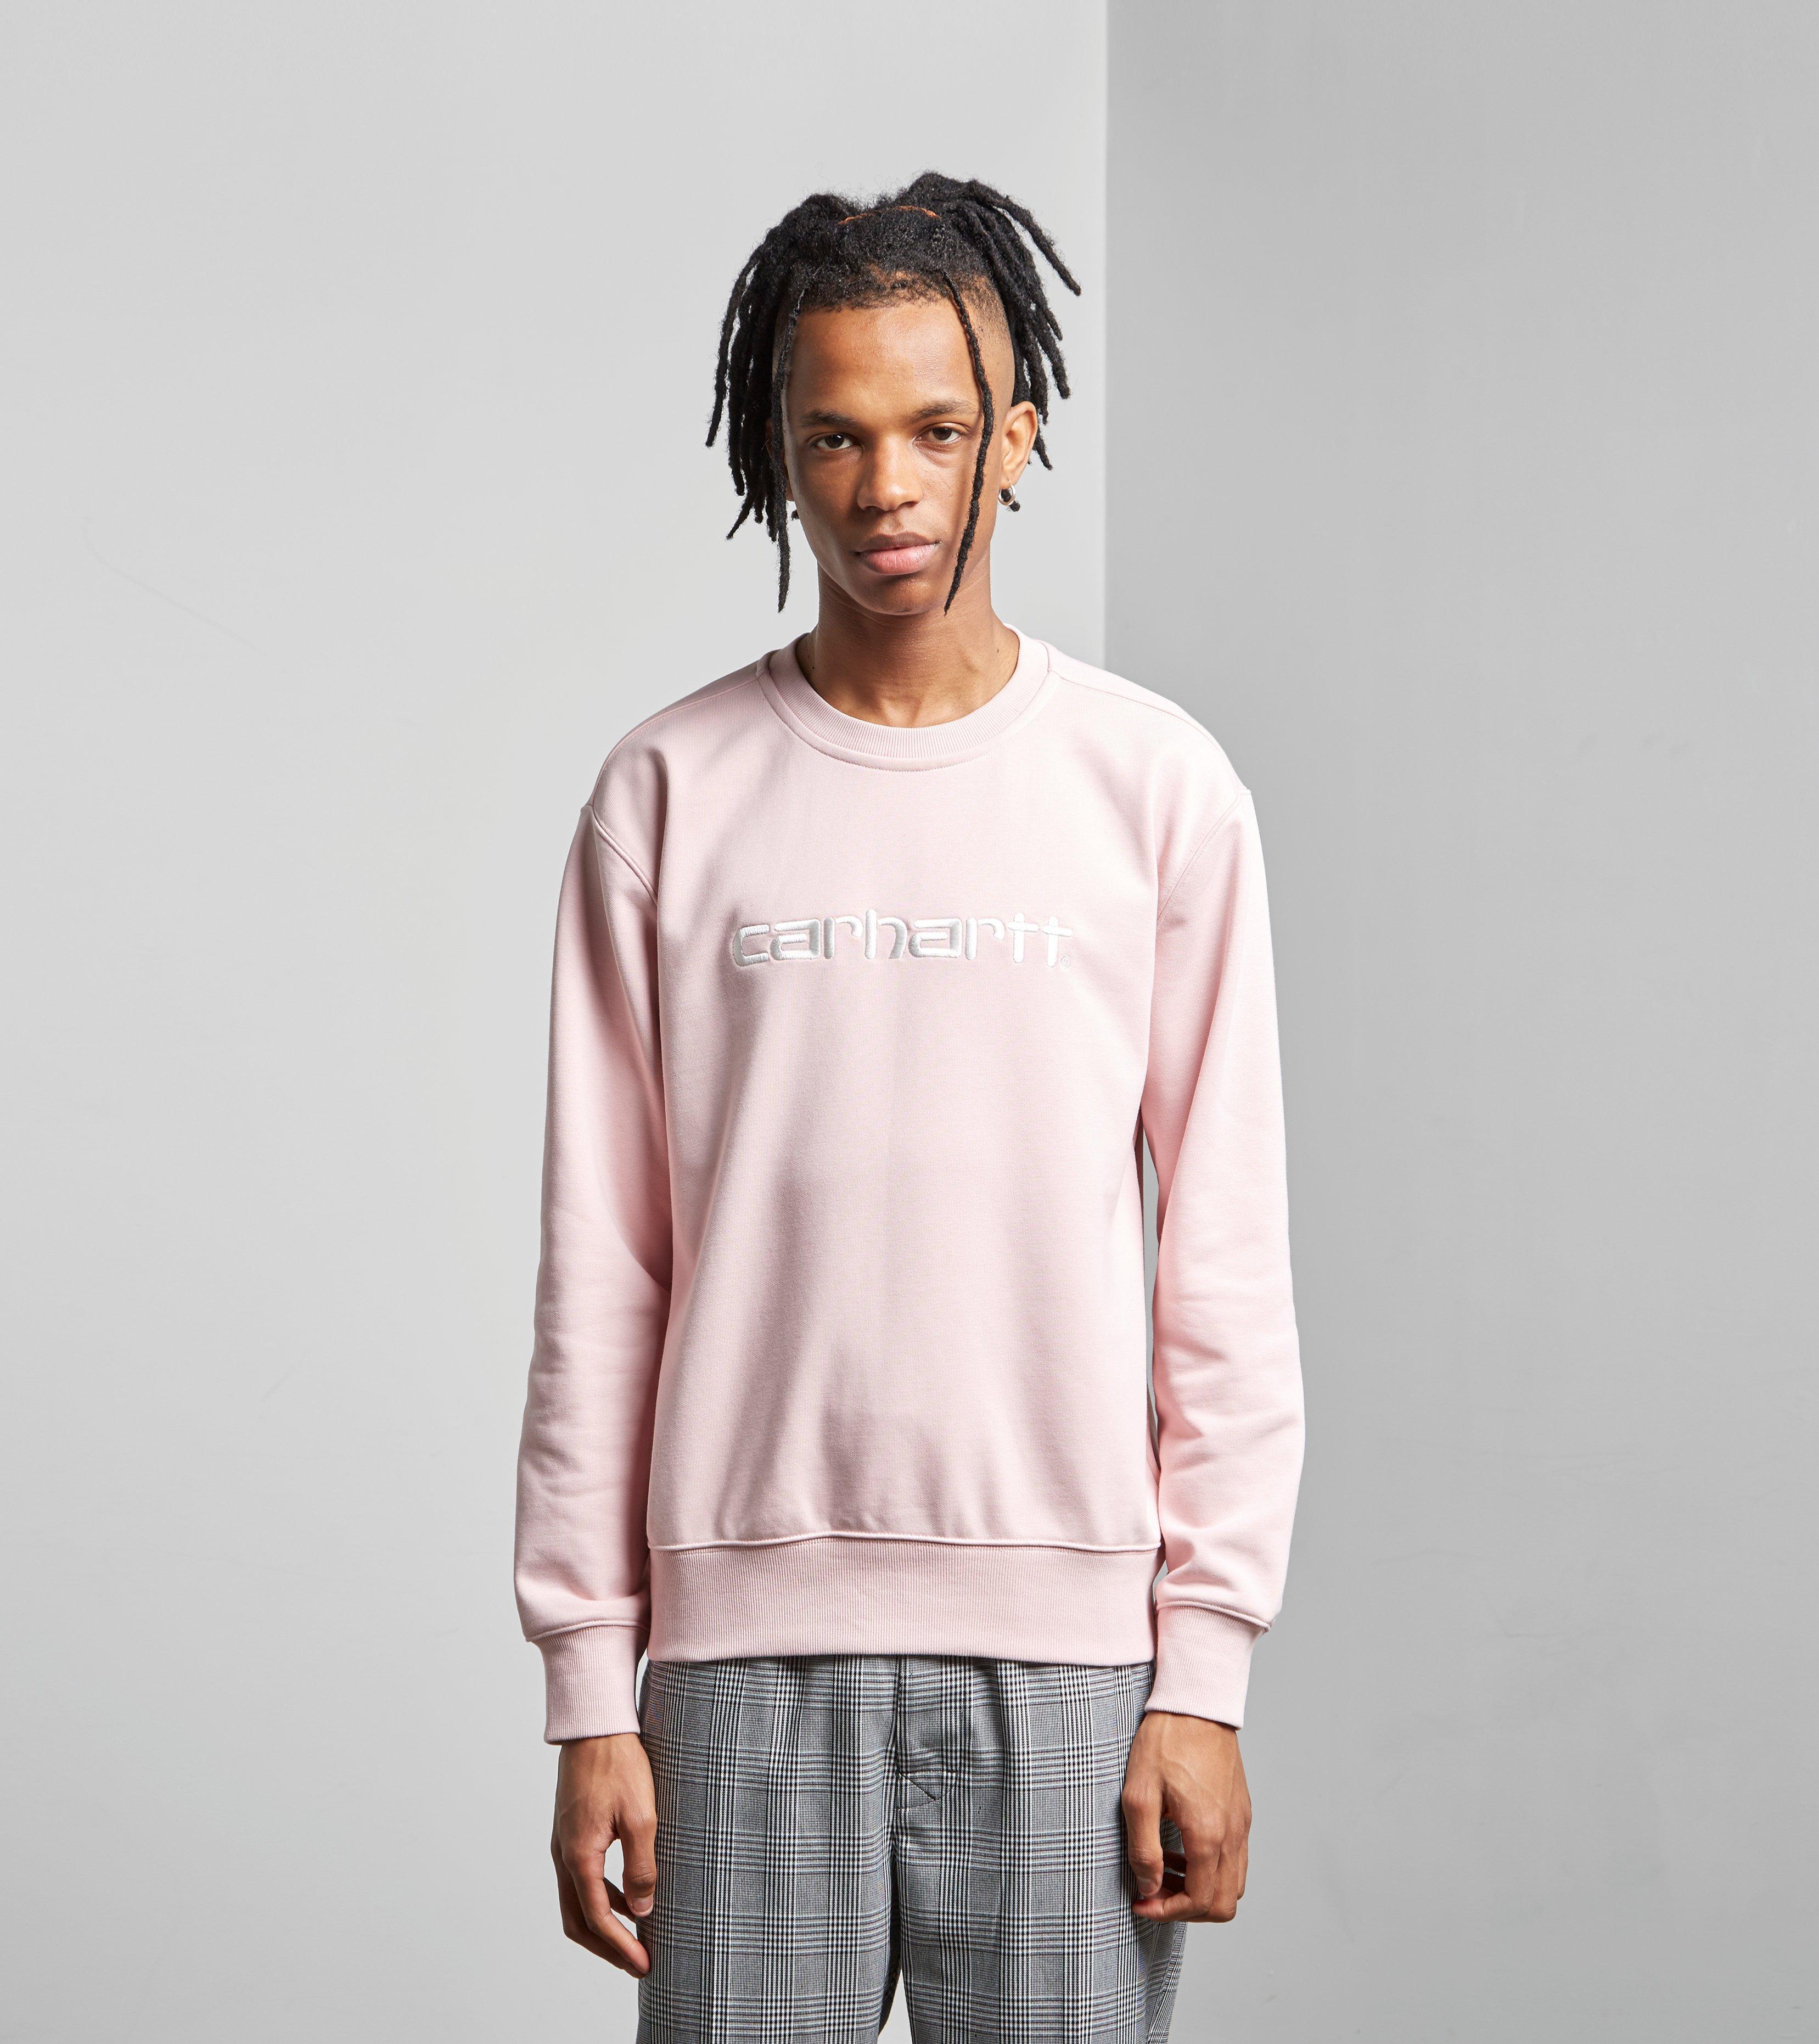 Carhartt Wip Big Script Sweatshirt in Pink for Men - Lyst 7f641cbd8db9